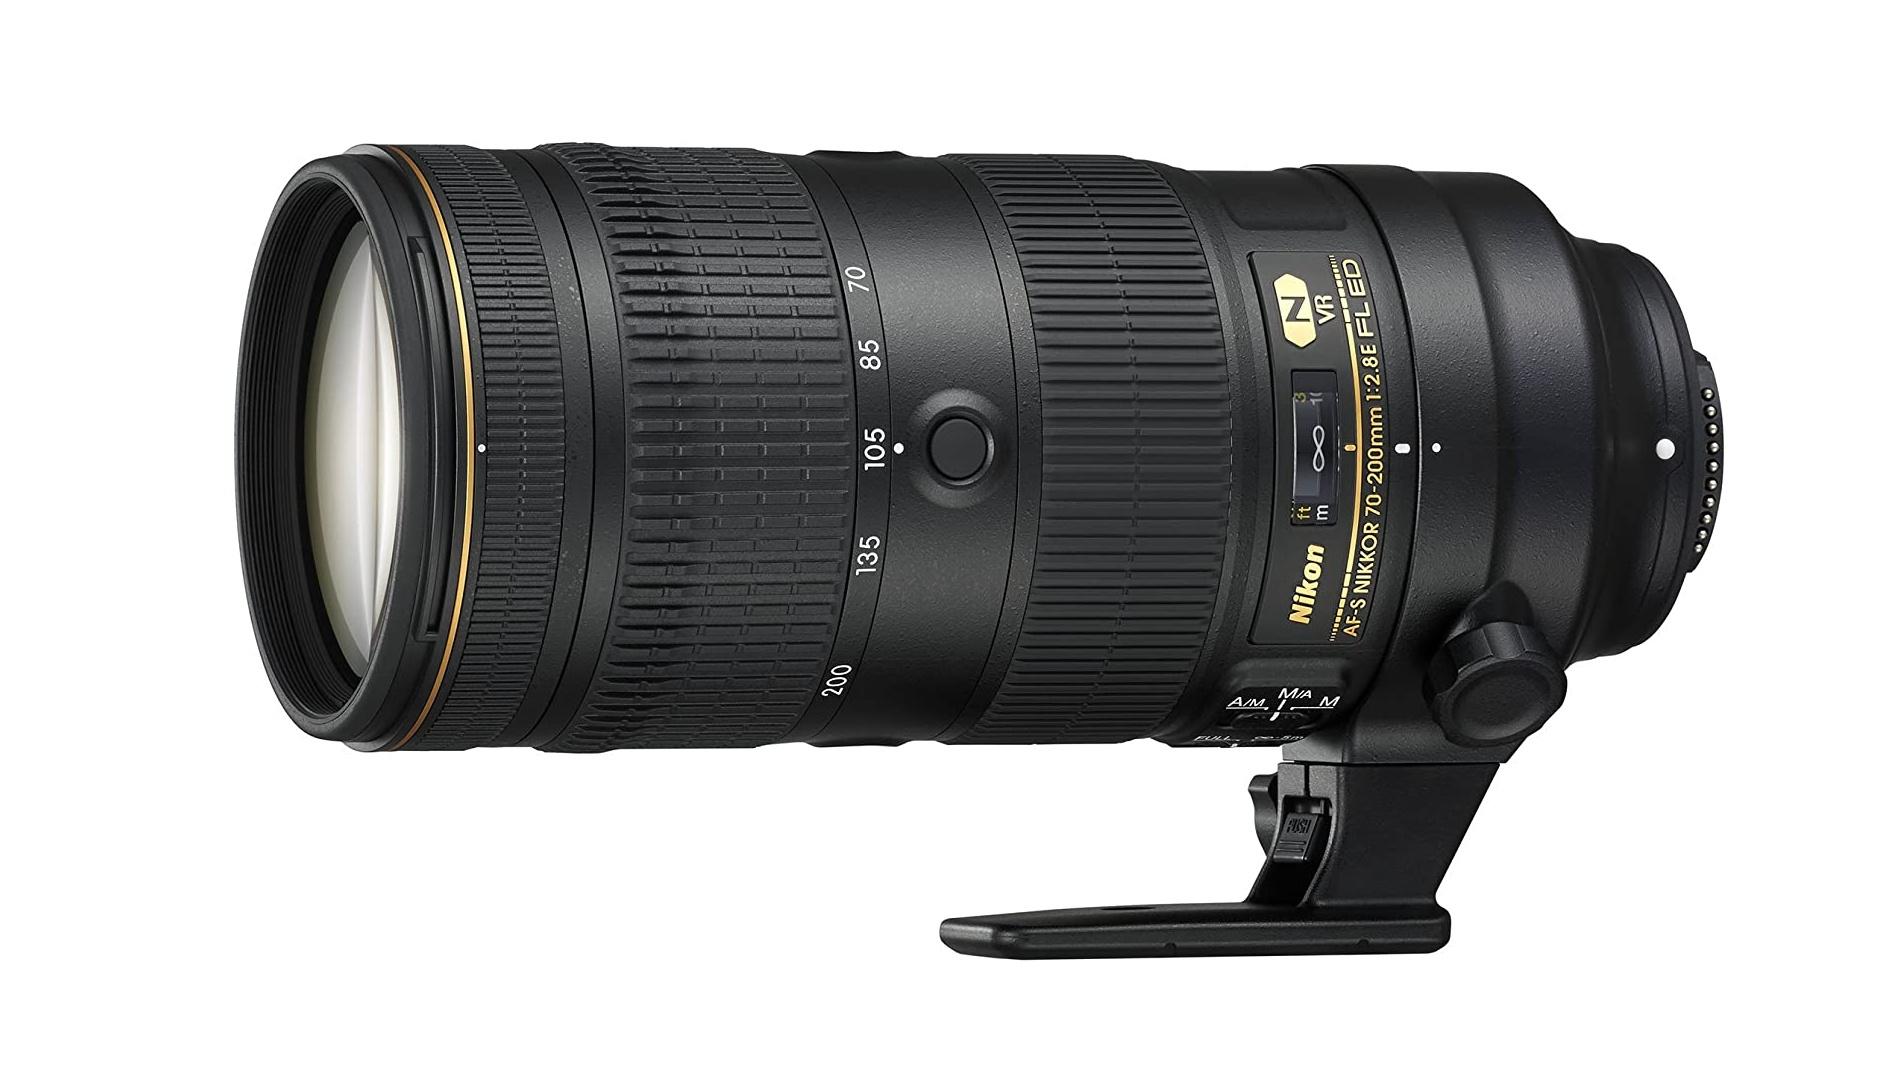 Nikon AF S NIKKOR 70 200mm f2.8G ED VR II